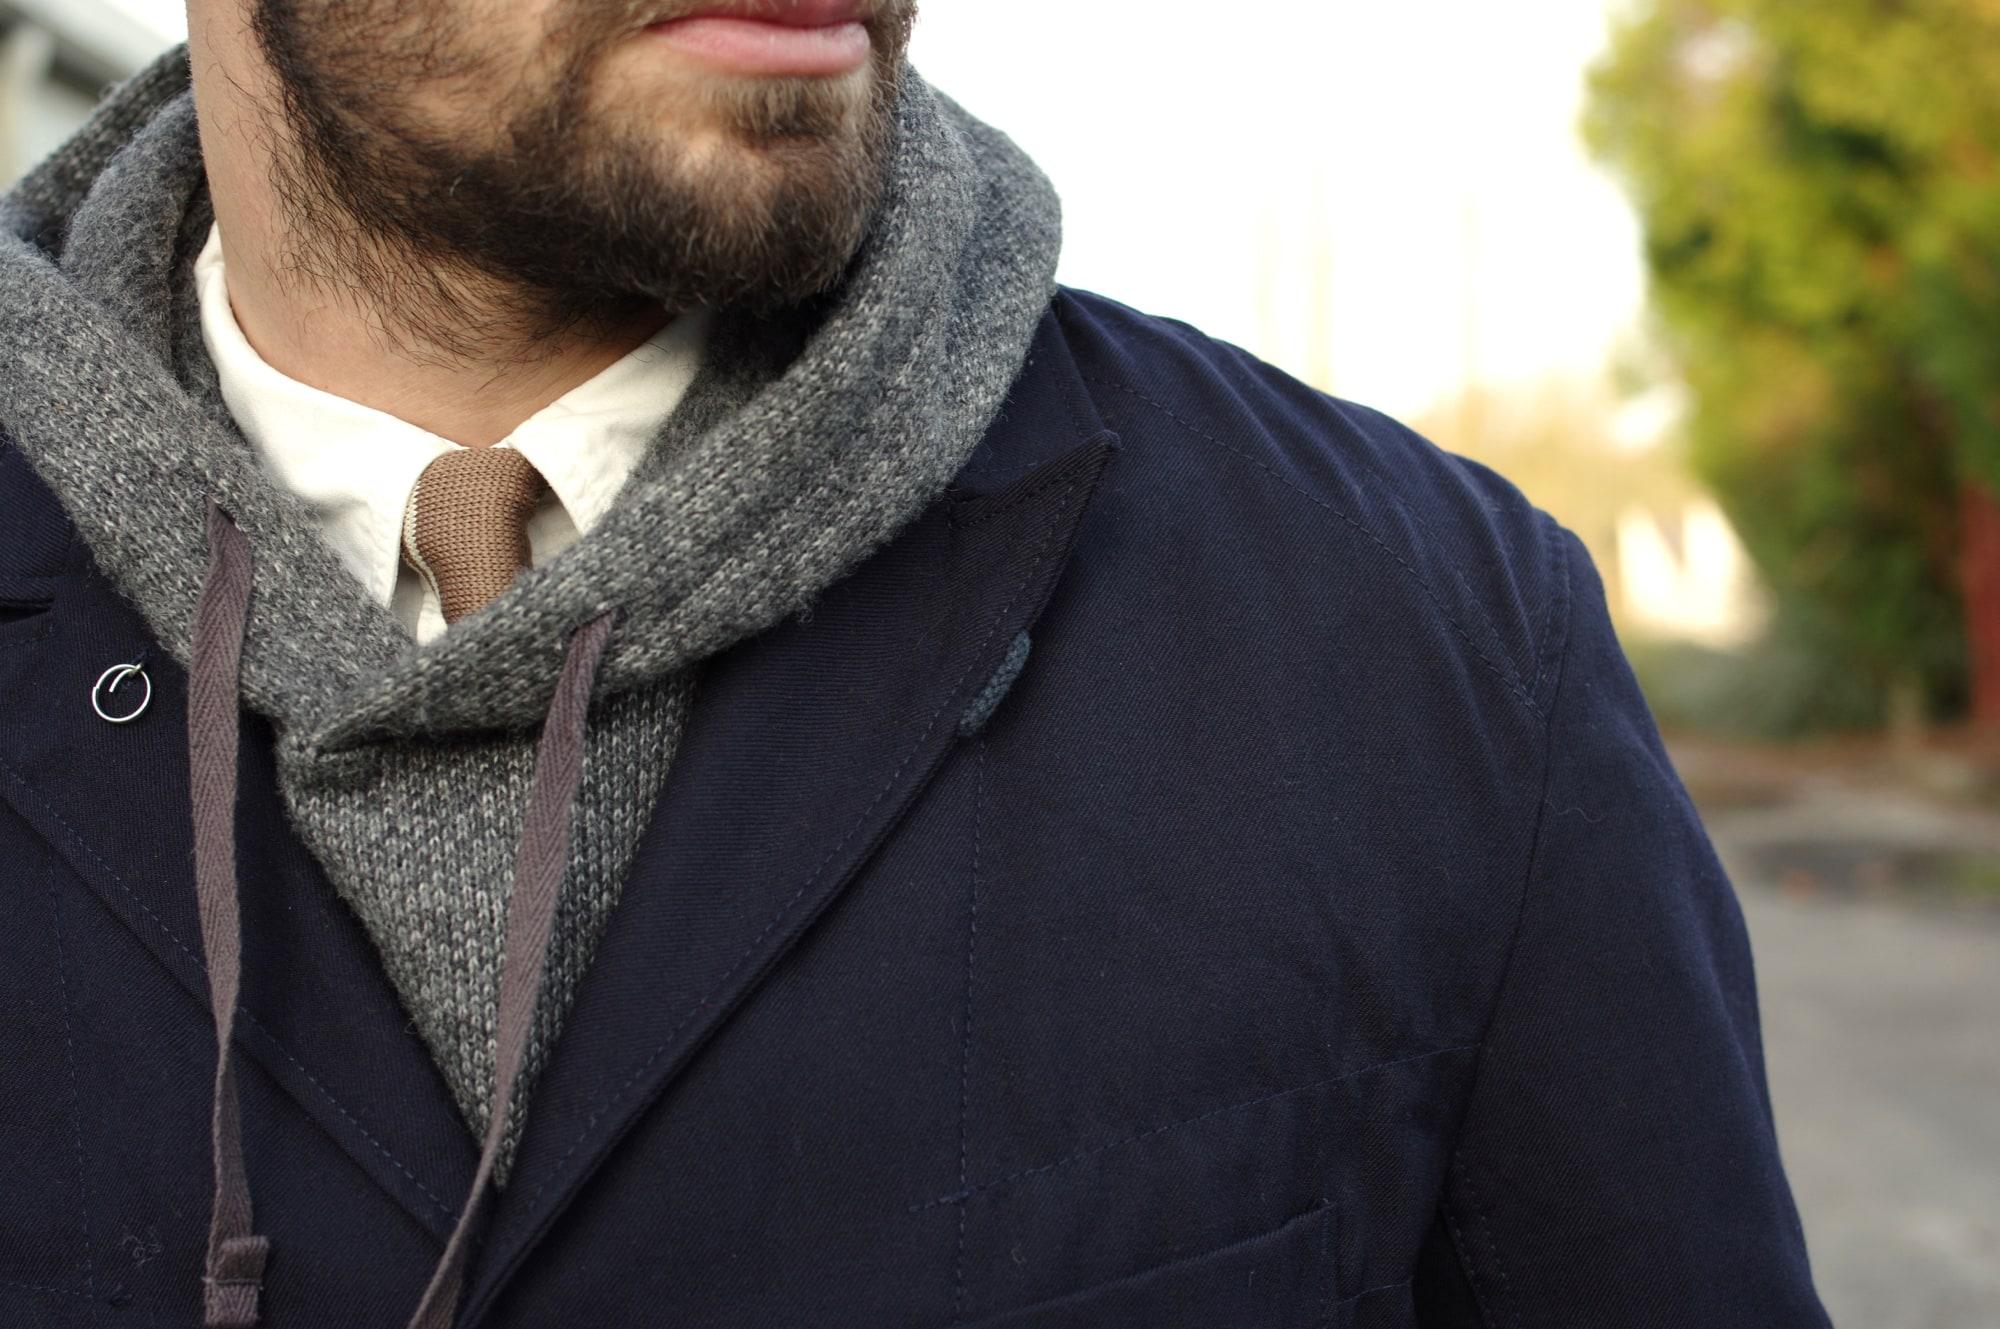 Tenue workwear élégant style street heritage avec une bedford jacket Engineered Garments et un interliner en wool grey portés avec une chemose worker blanche orslow et une cravatte en laine tricot. Et bien sûrwick pants Kestin Hare